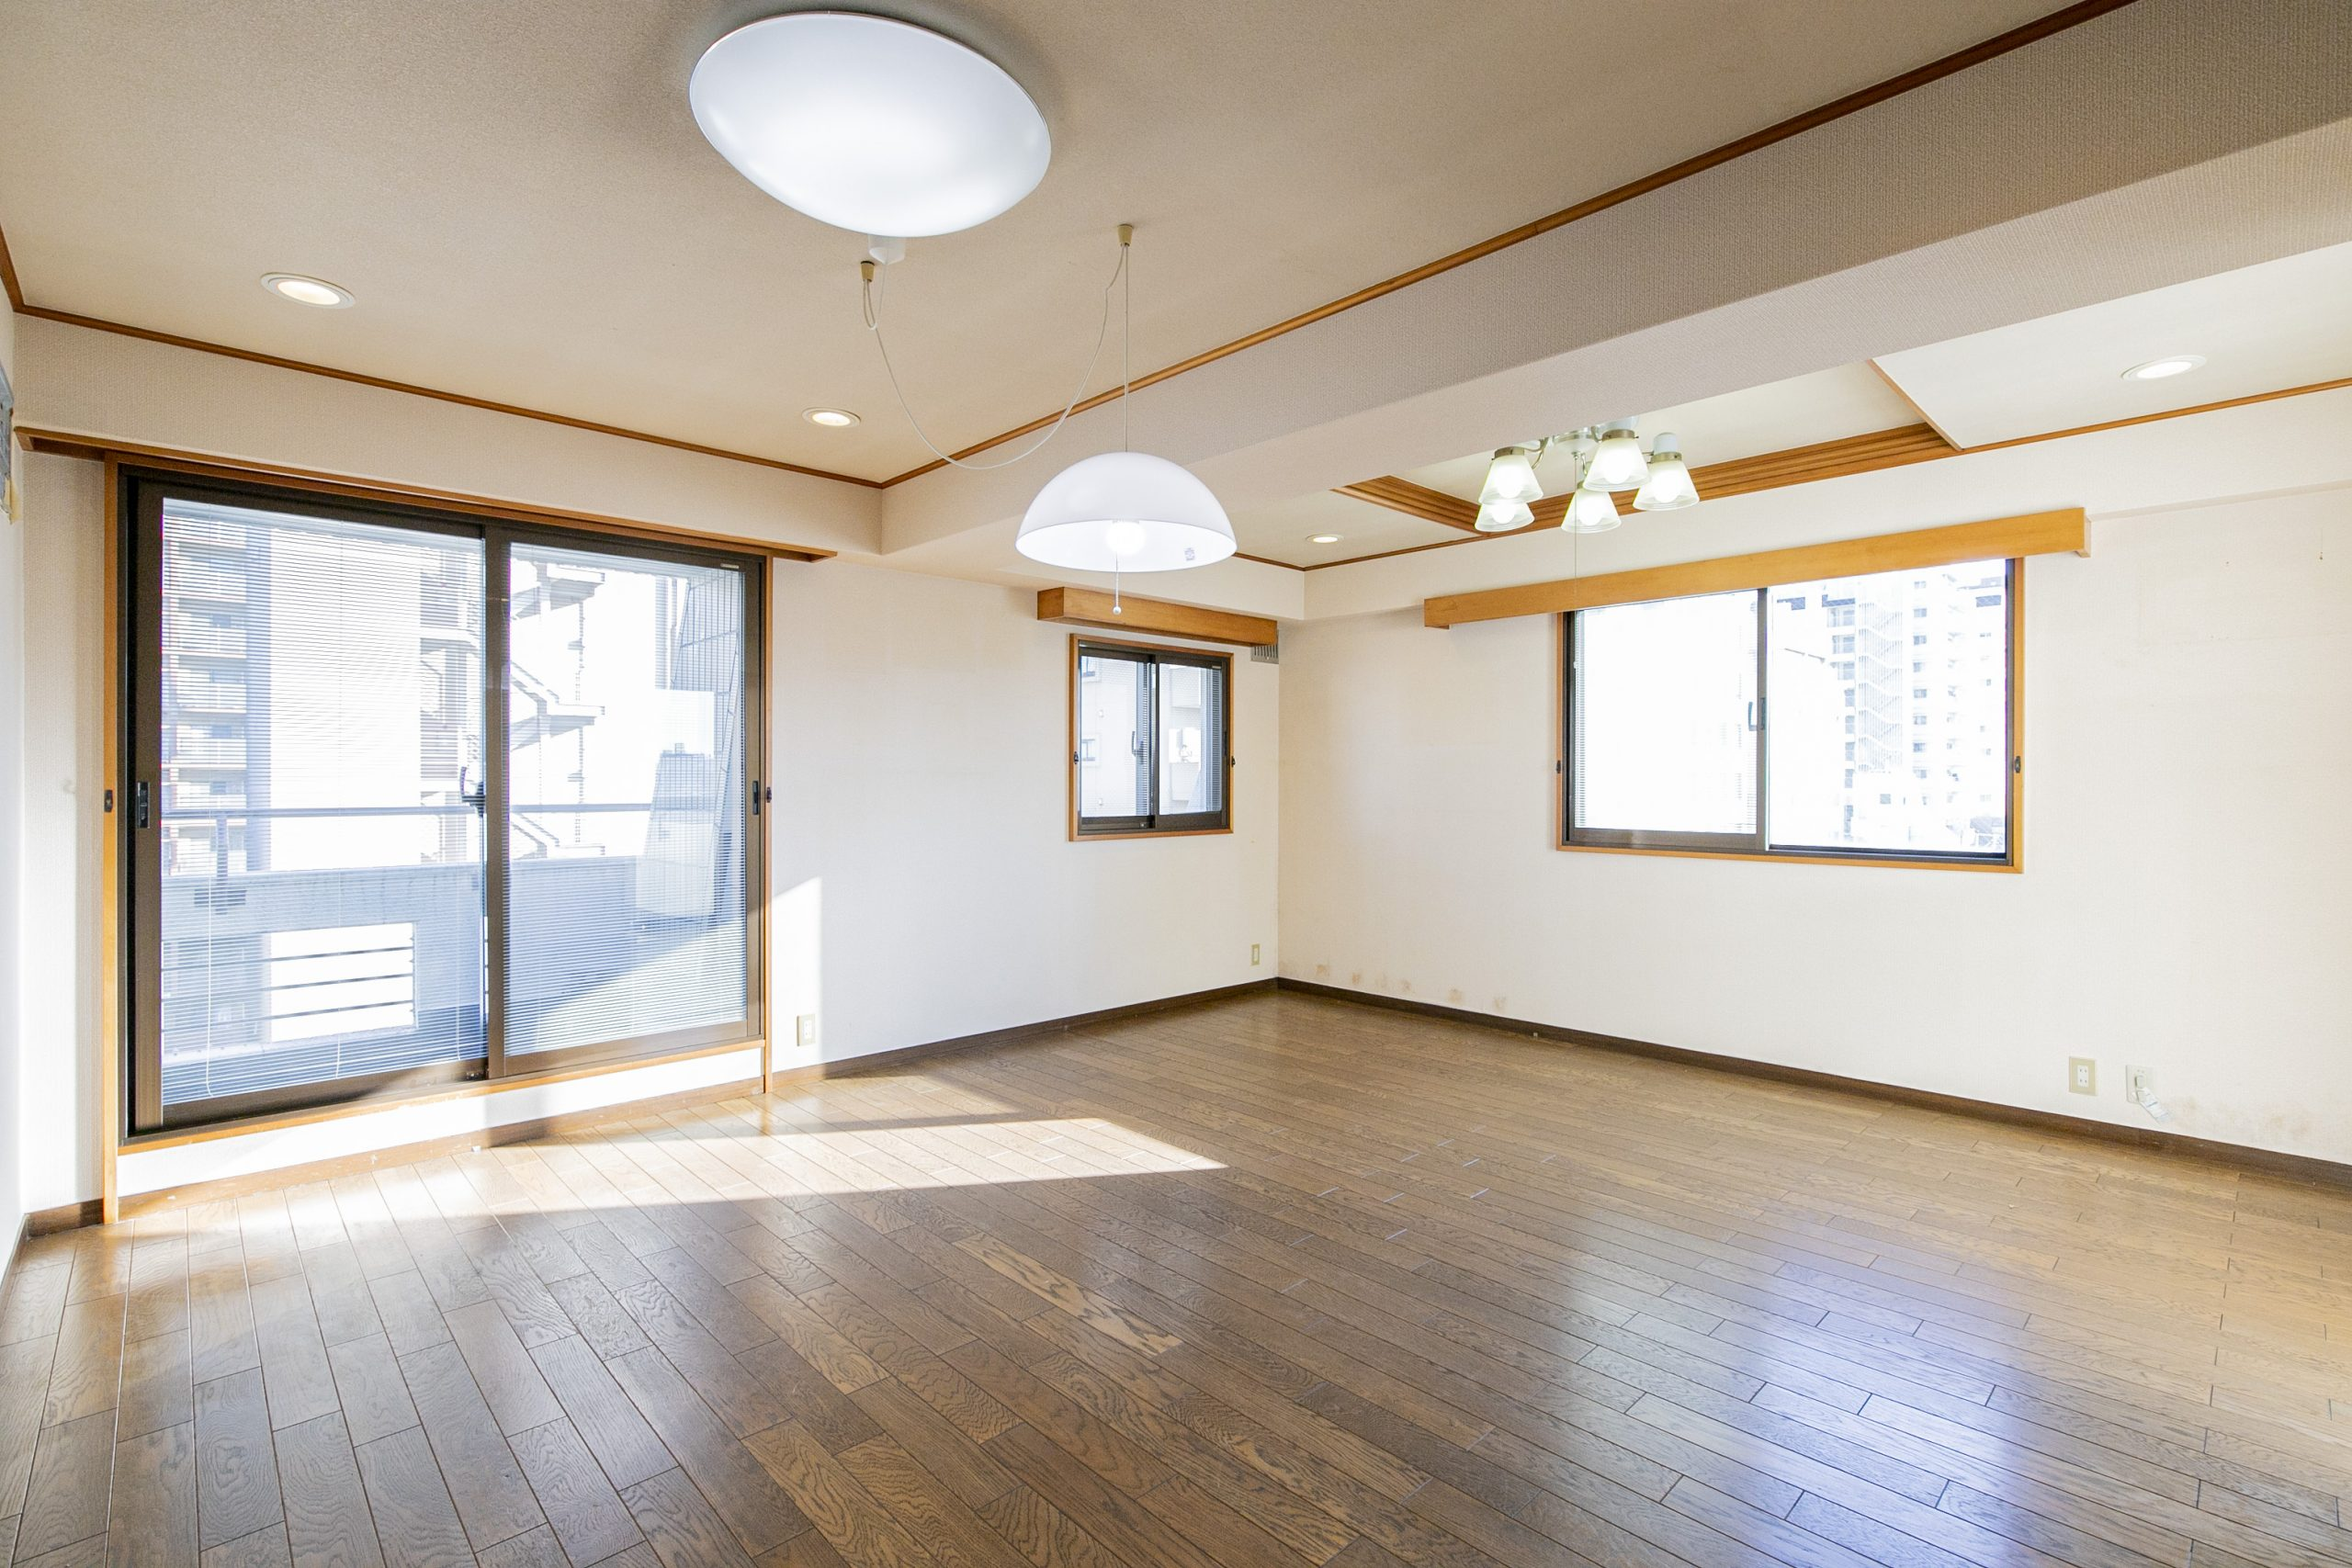 東新宿 3方角部屋 広々空間でのびのび